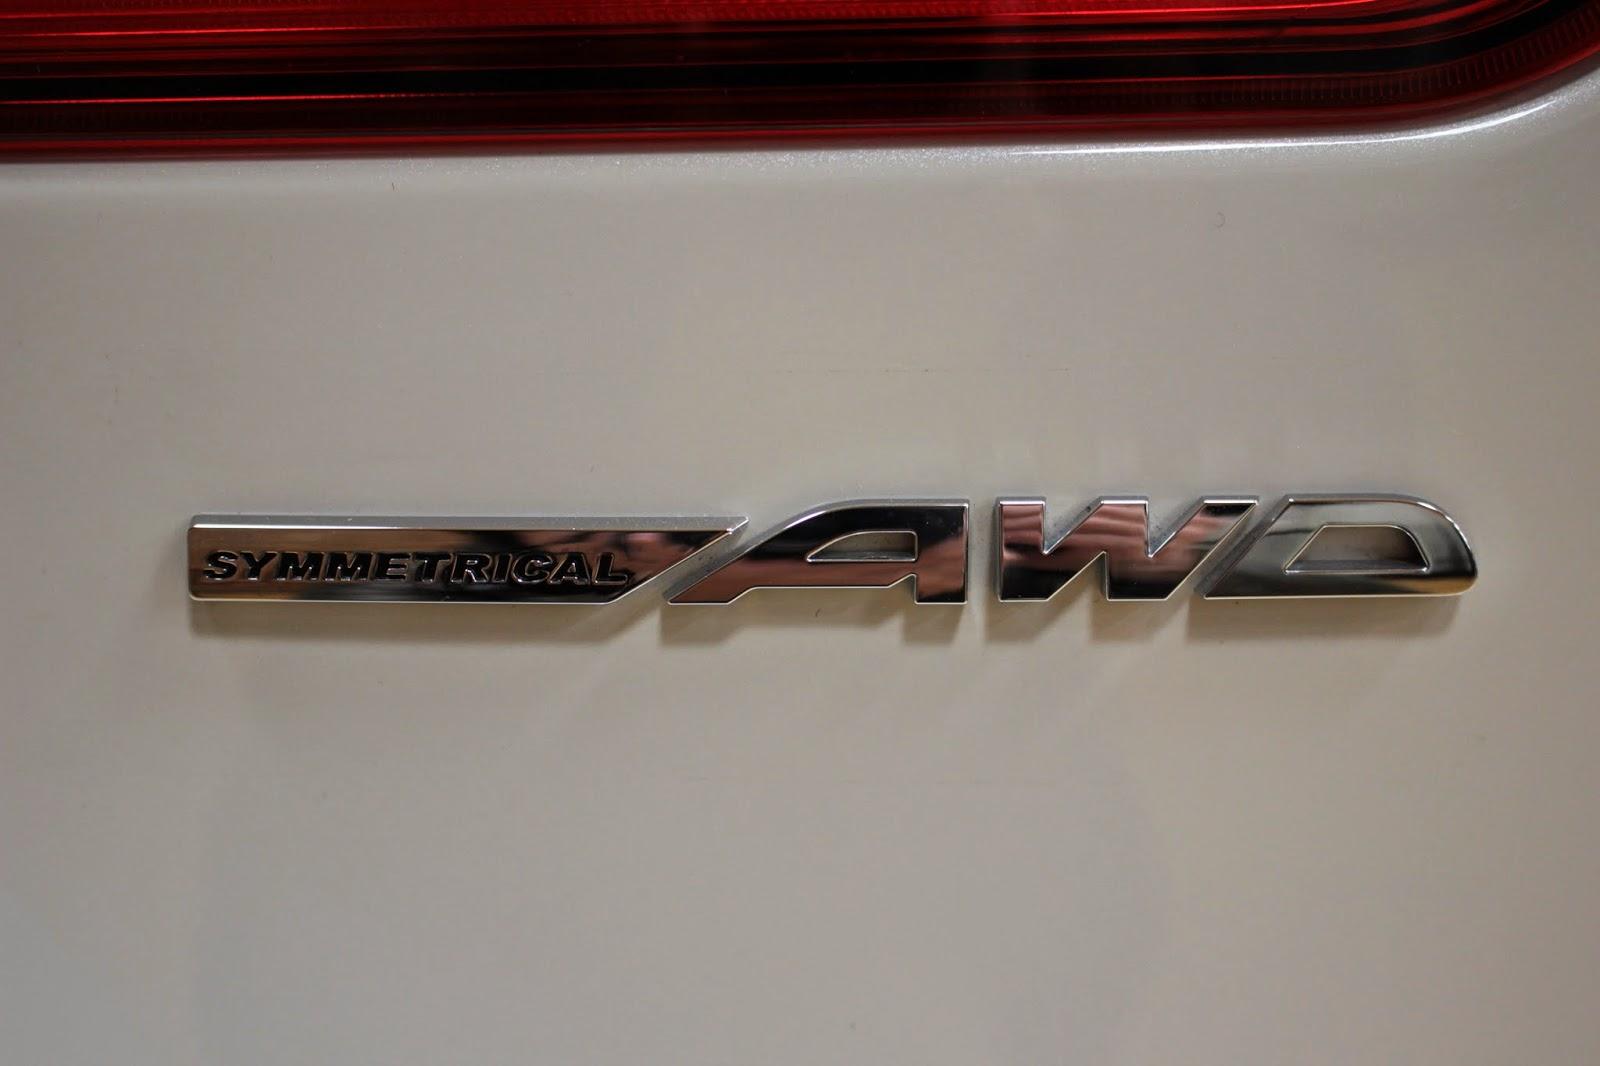 レヴォーグのSYMMETRICAL AWD ロゴ